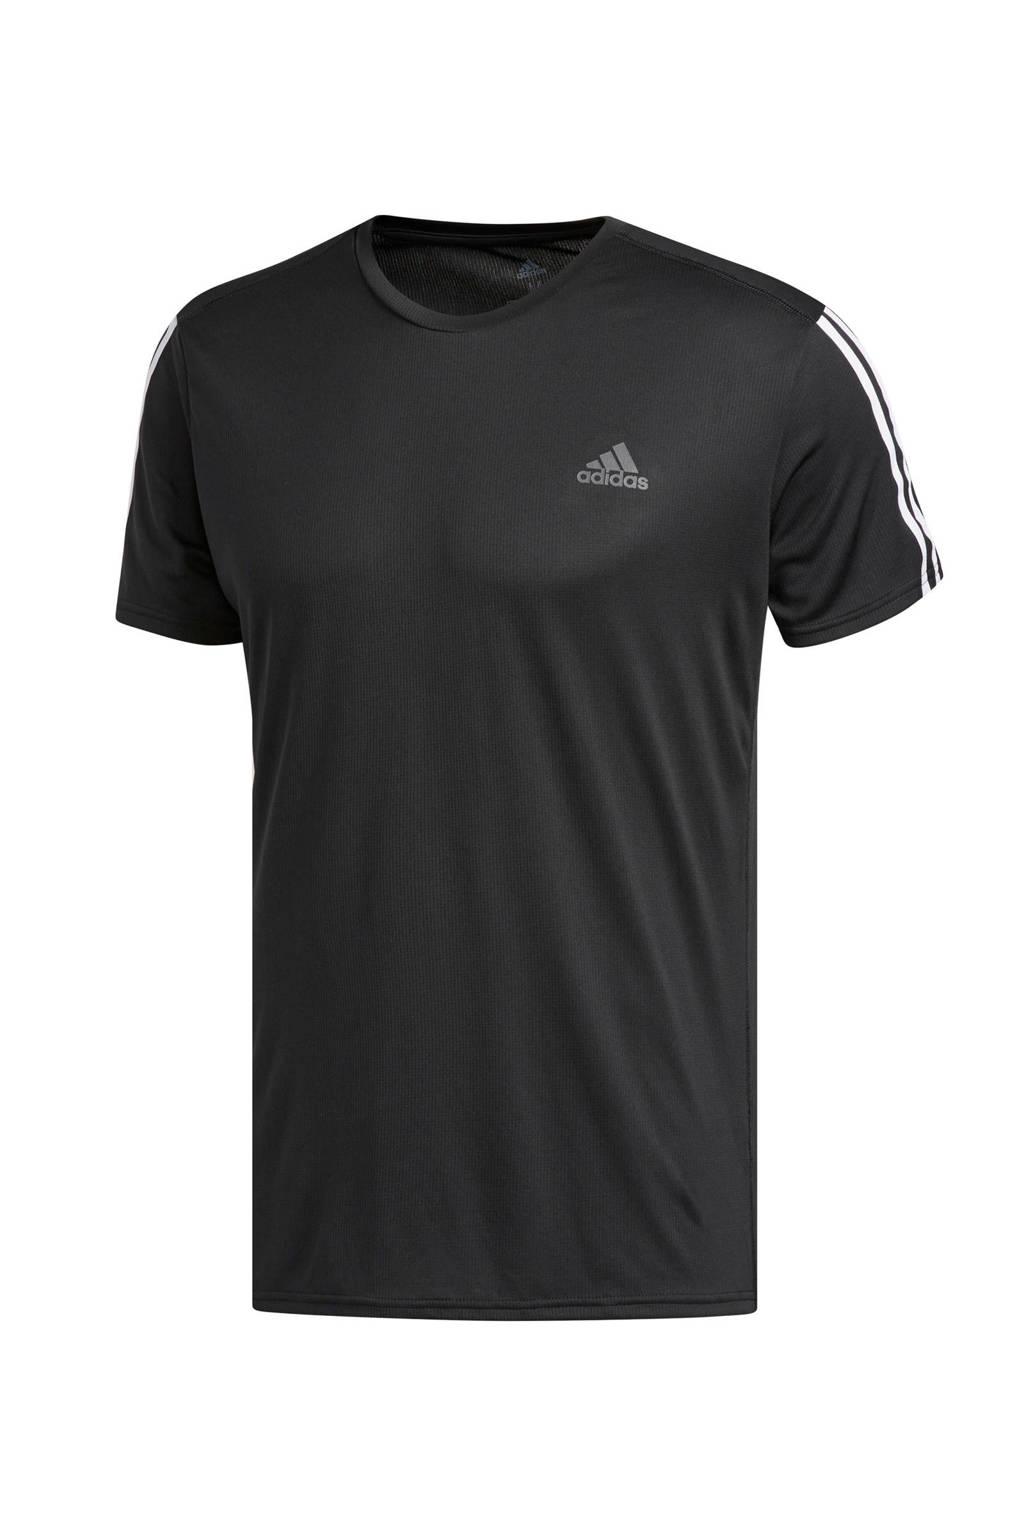 adidas performance   performance T-shirt zwart, Zwart